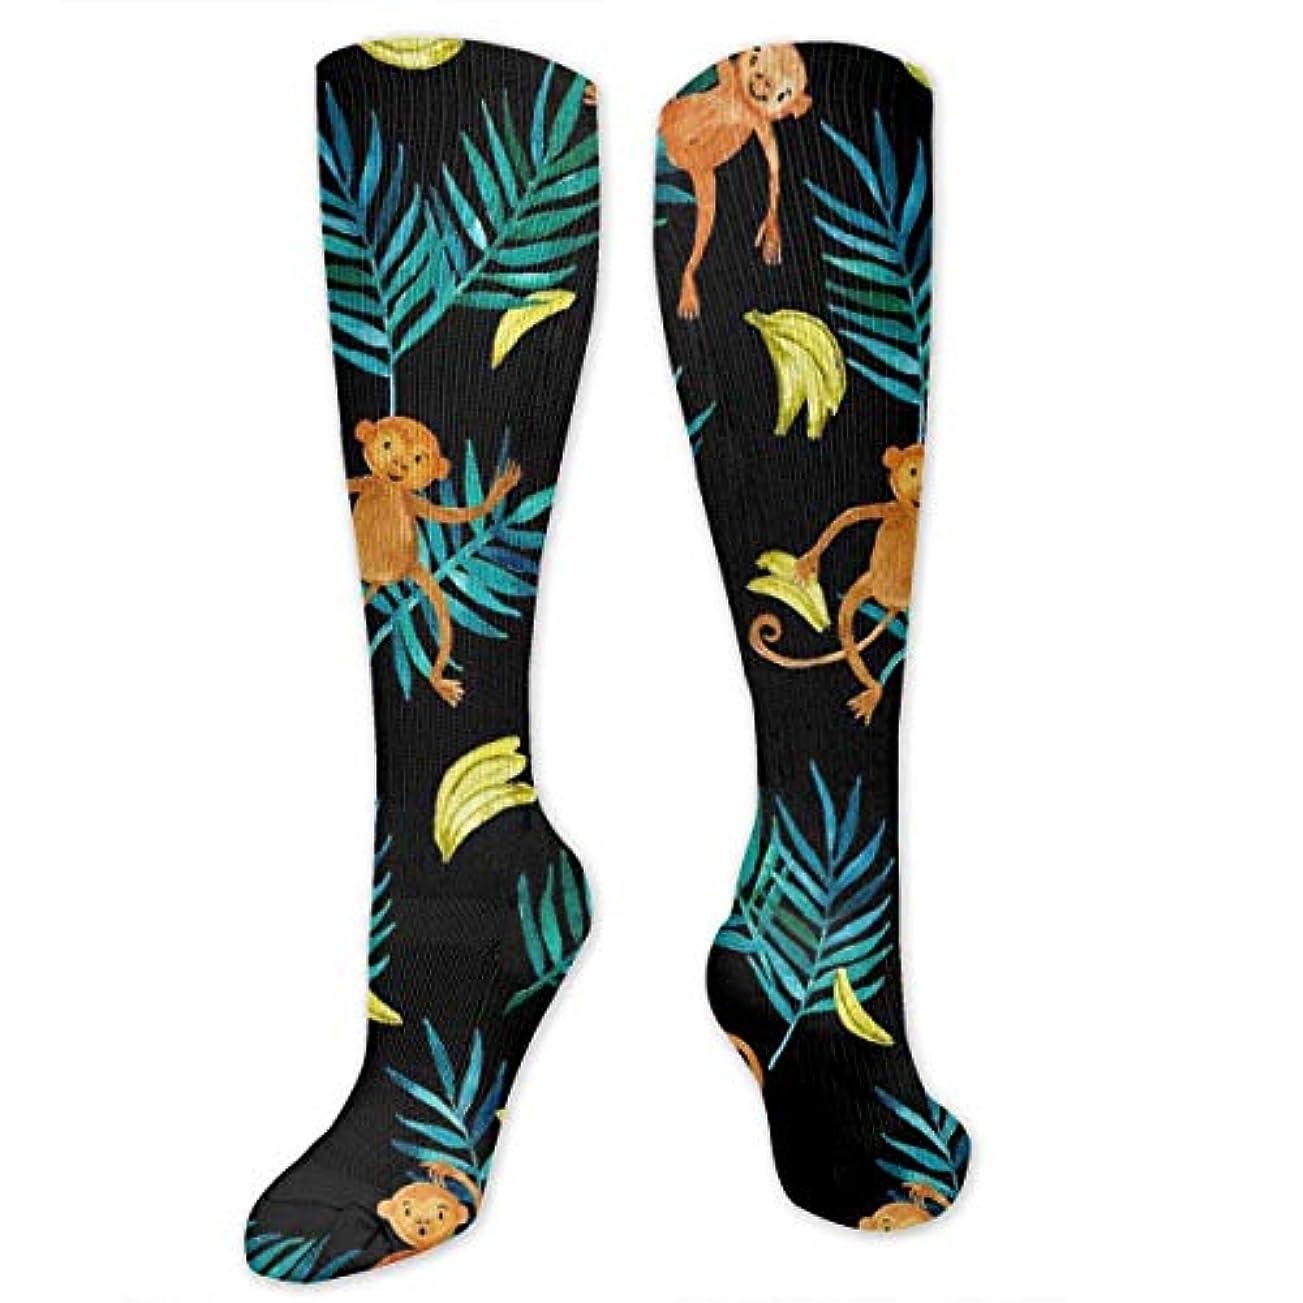 誤解させるジャーナルエッセイ靴下,ストッキング,野生のジョーカー,実際,秋の本質,冬必須,サマーウェア&RBXAA Women's Winter Cotton Long Tube Socks Knee High Graduated Compression...